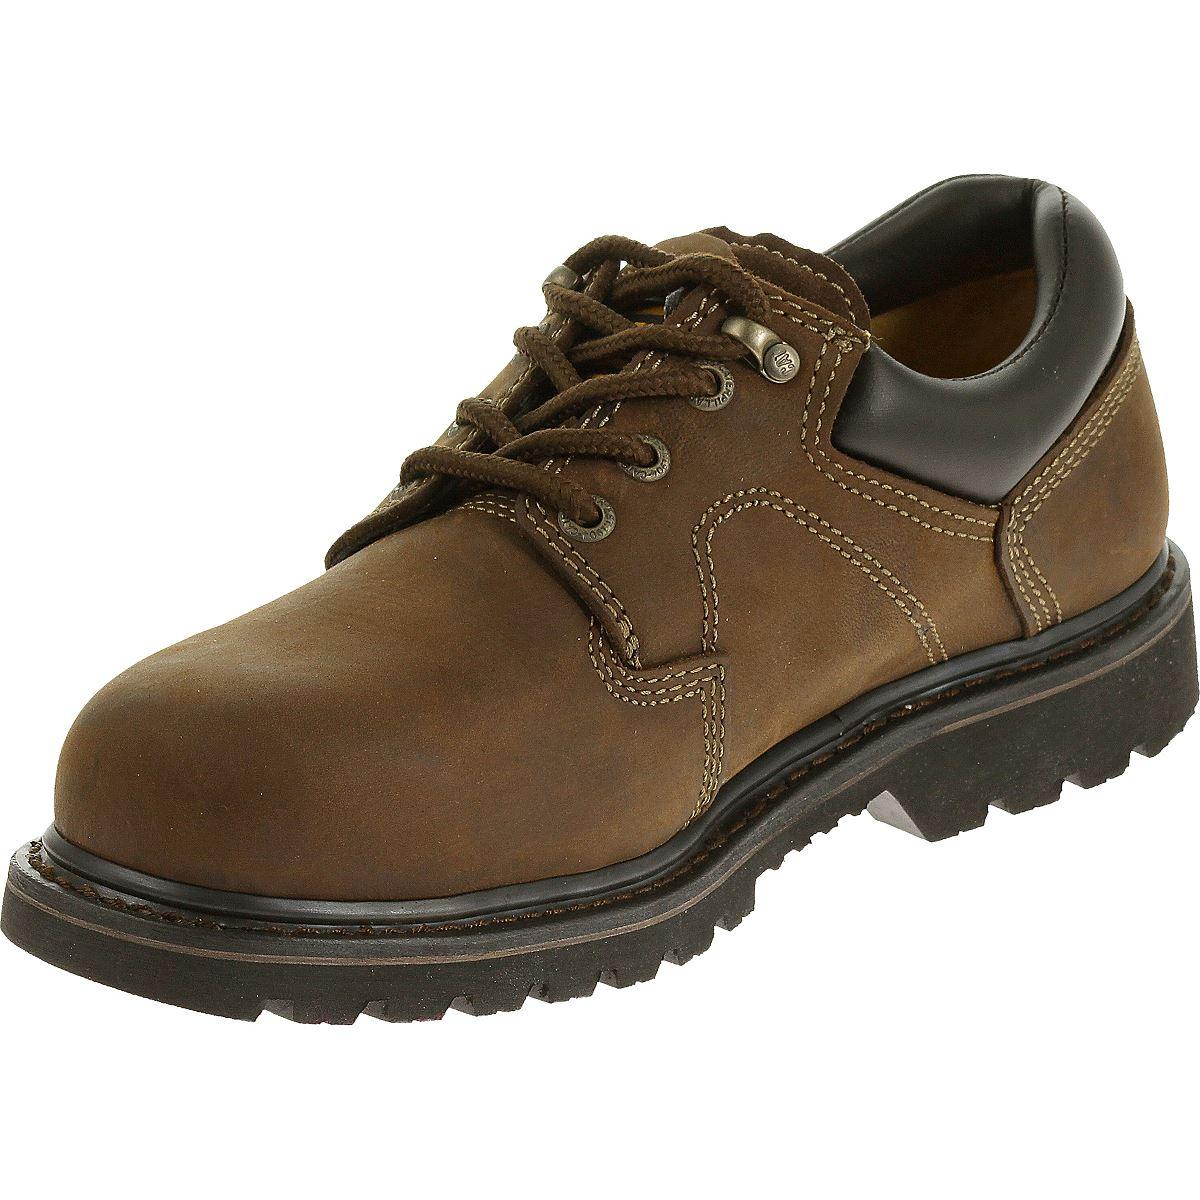 CAT Footwear Mens Ridgemont Steel Toe Work Shoe | EBay